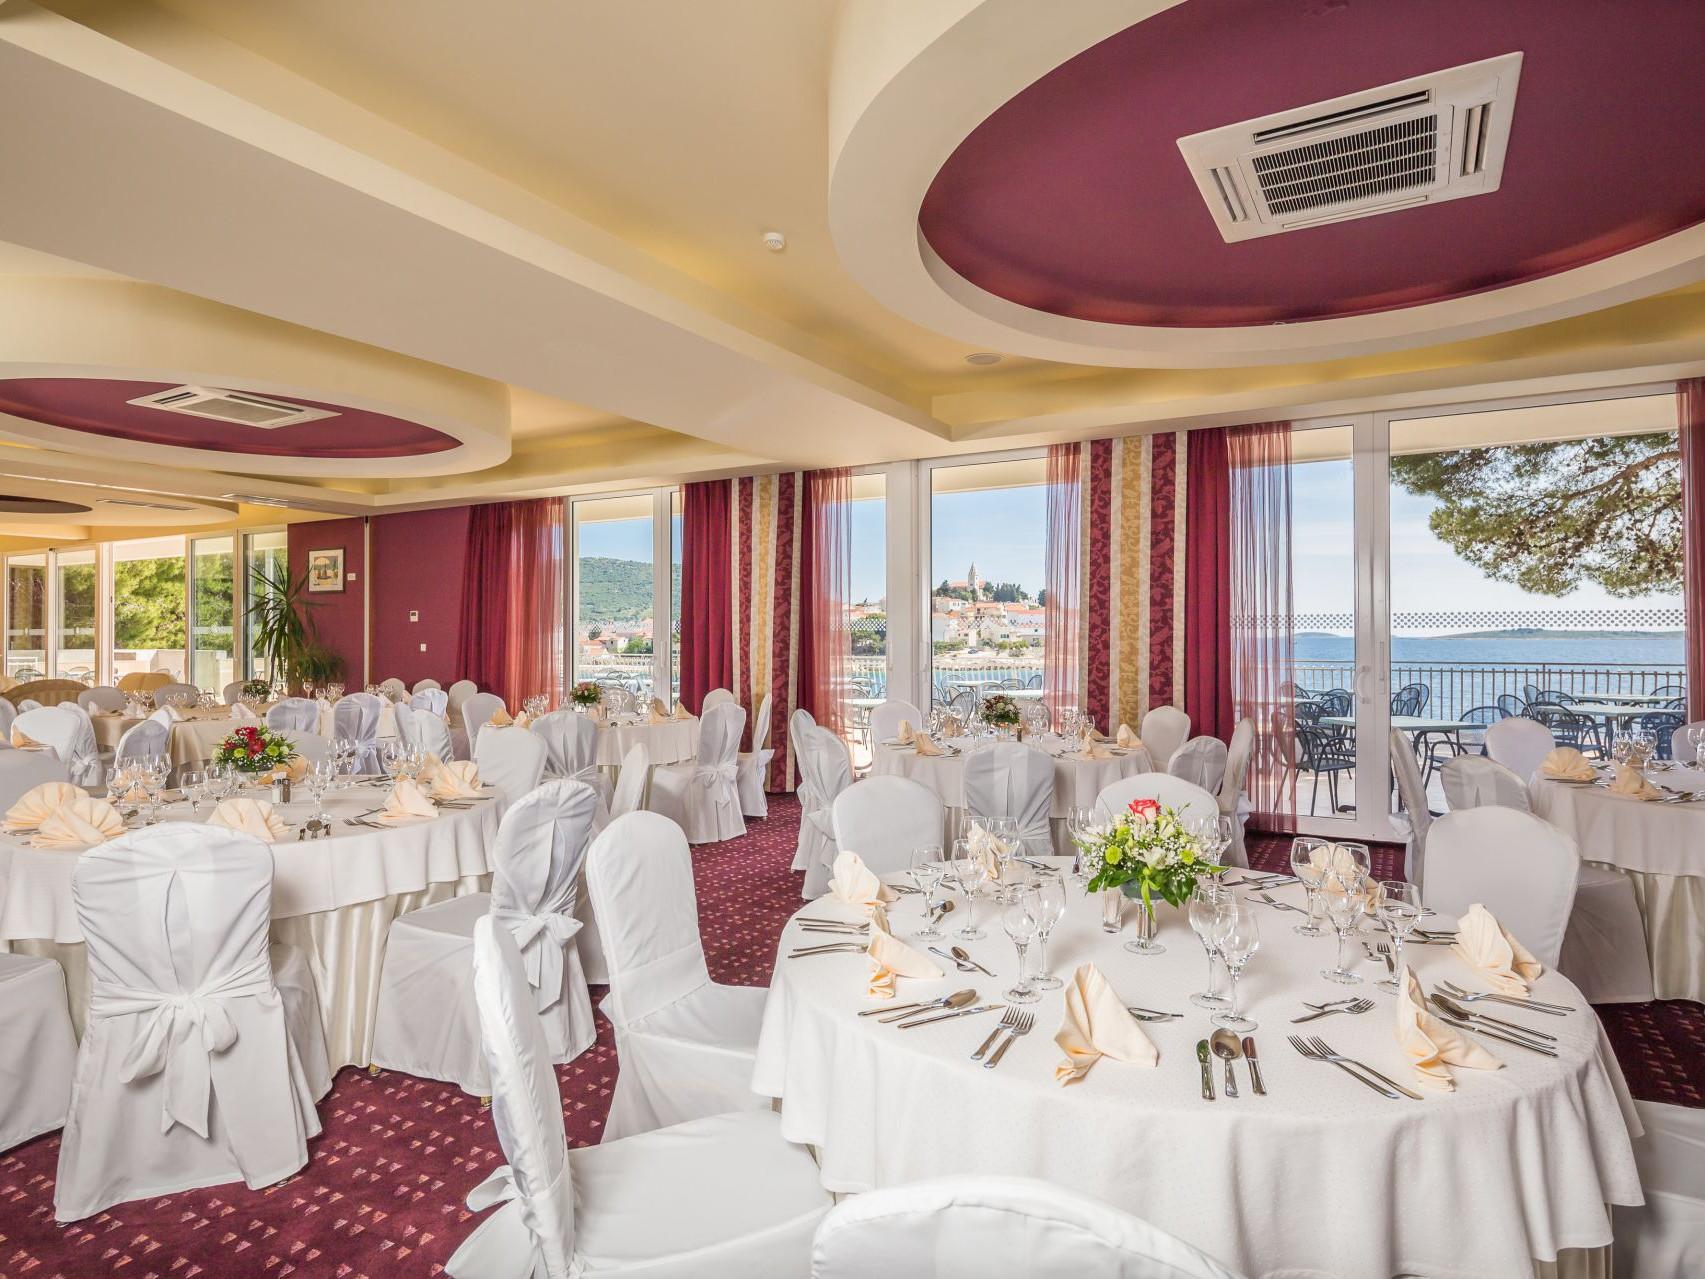 wedding congress center 2 14846167763 o uai - Zora Hotel